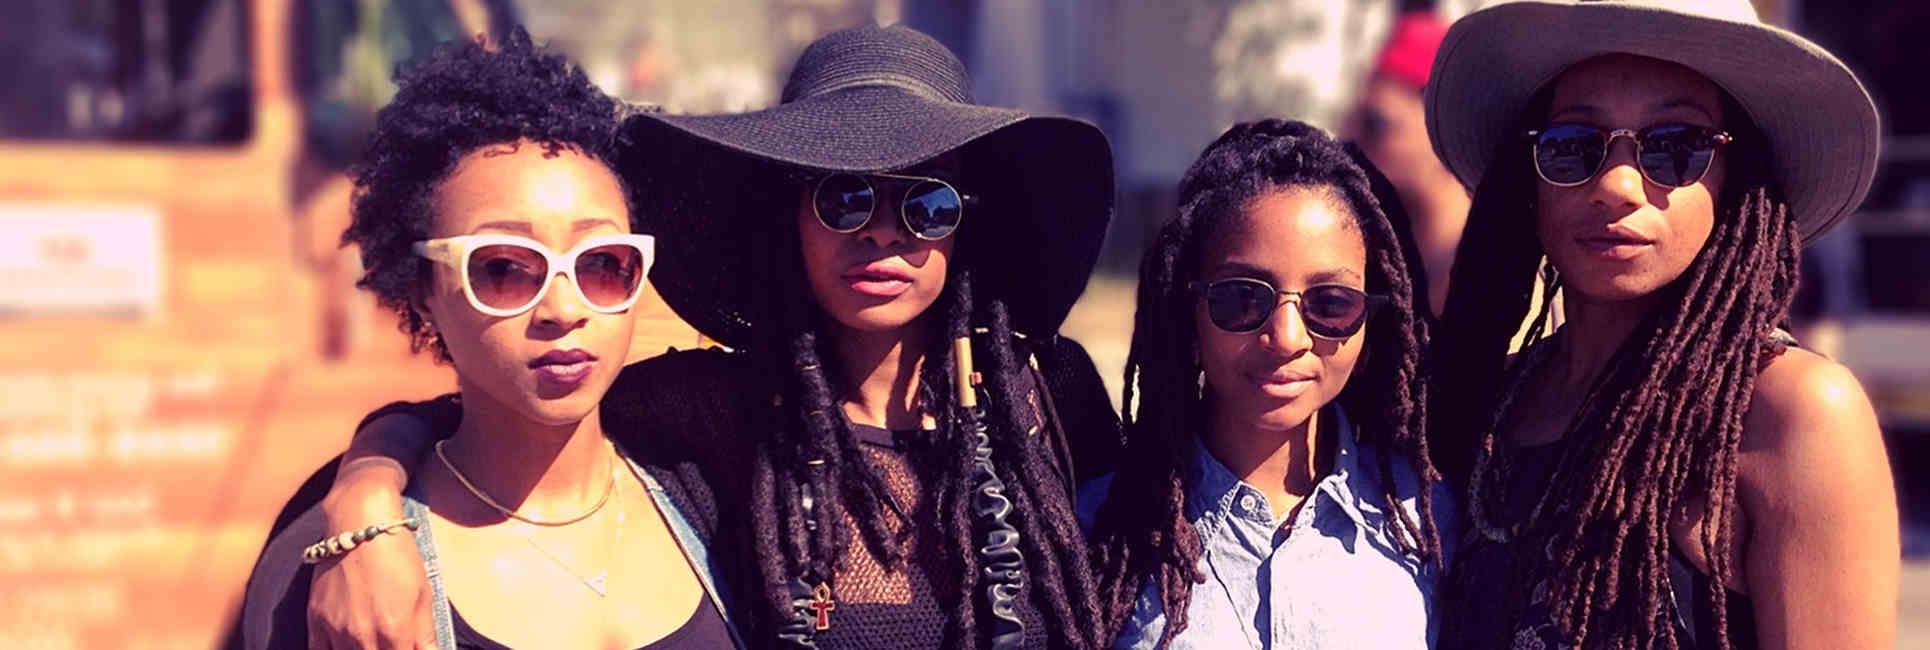 08262013_Festival Attendees__AfroPunk_FloppyHat_Natural_Dreadlocks_banners